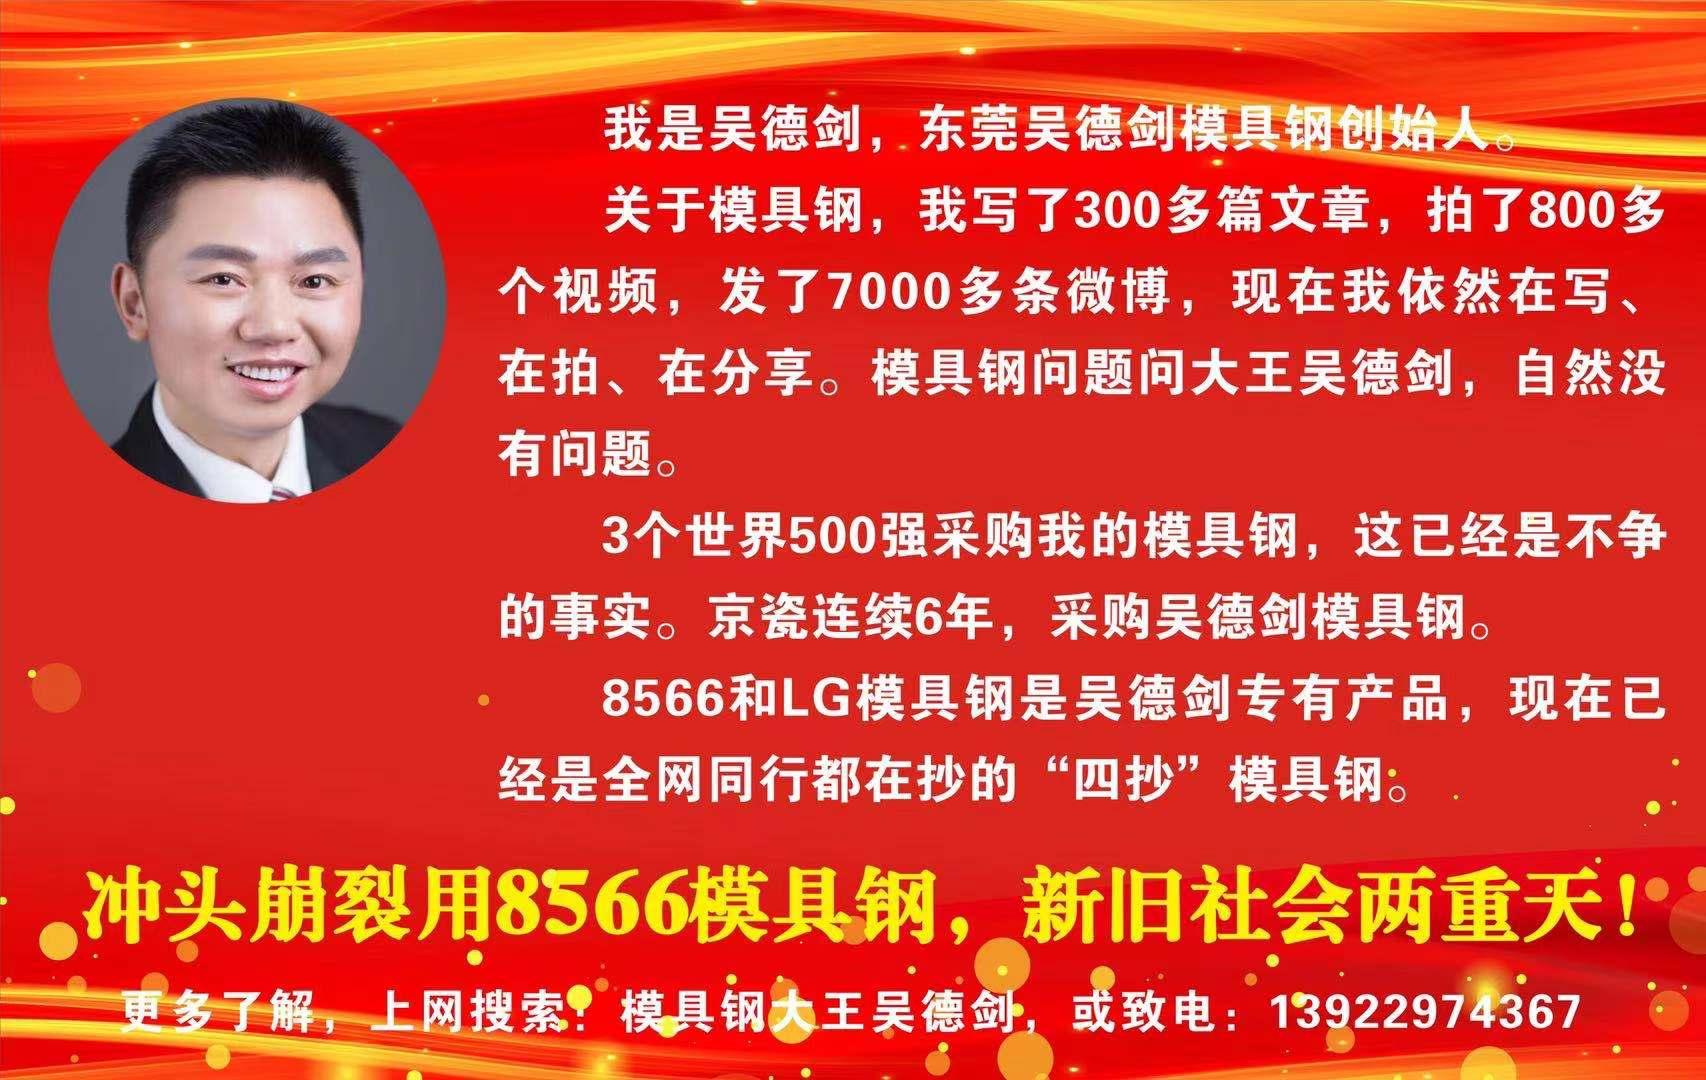 8566和LG模具鋼是吳德劍專有產品